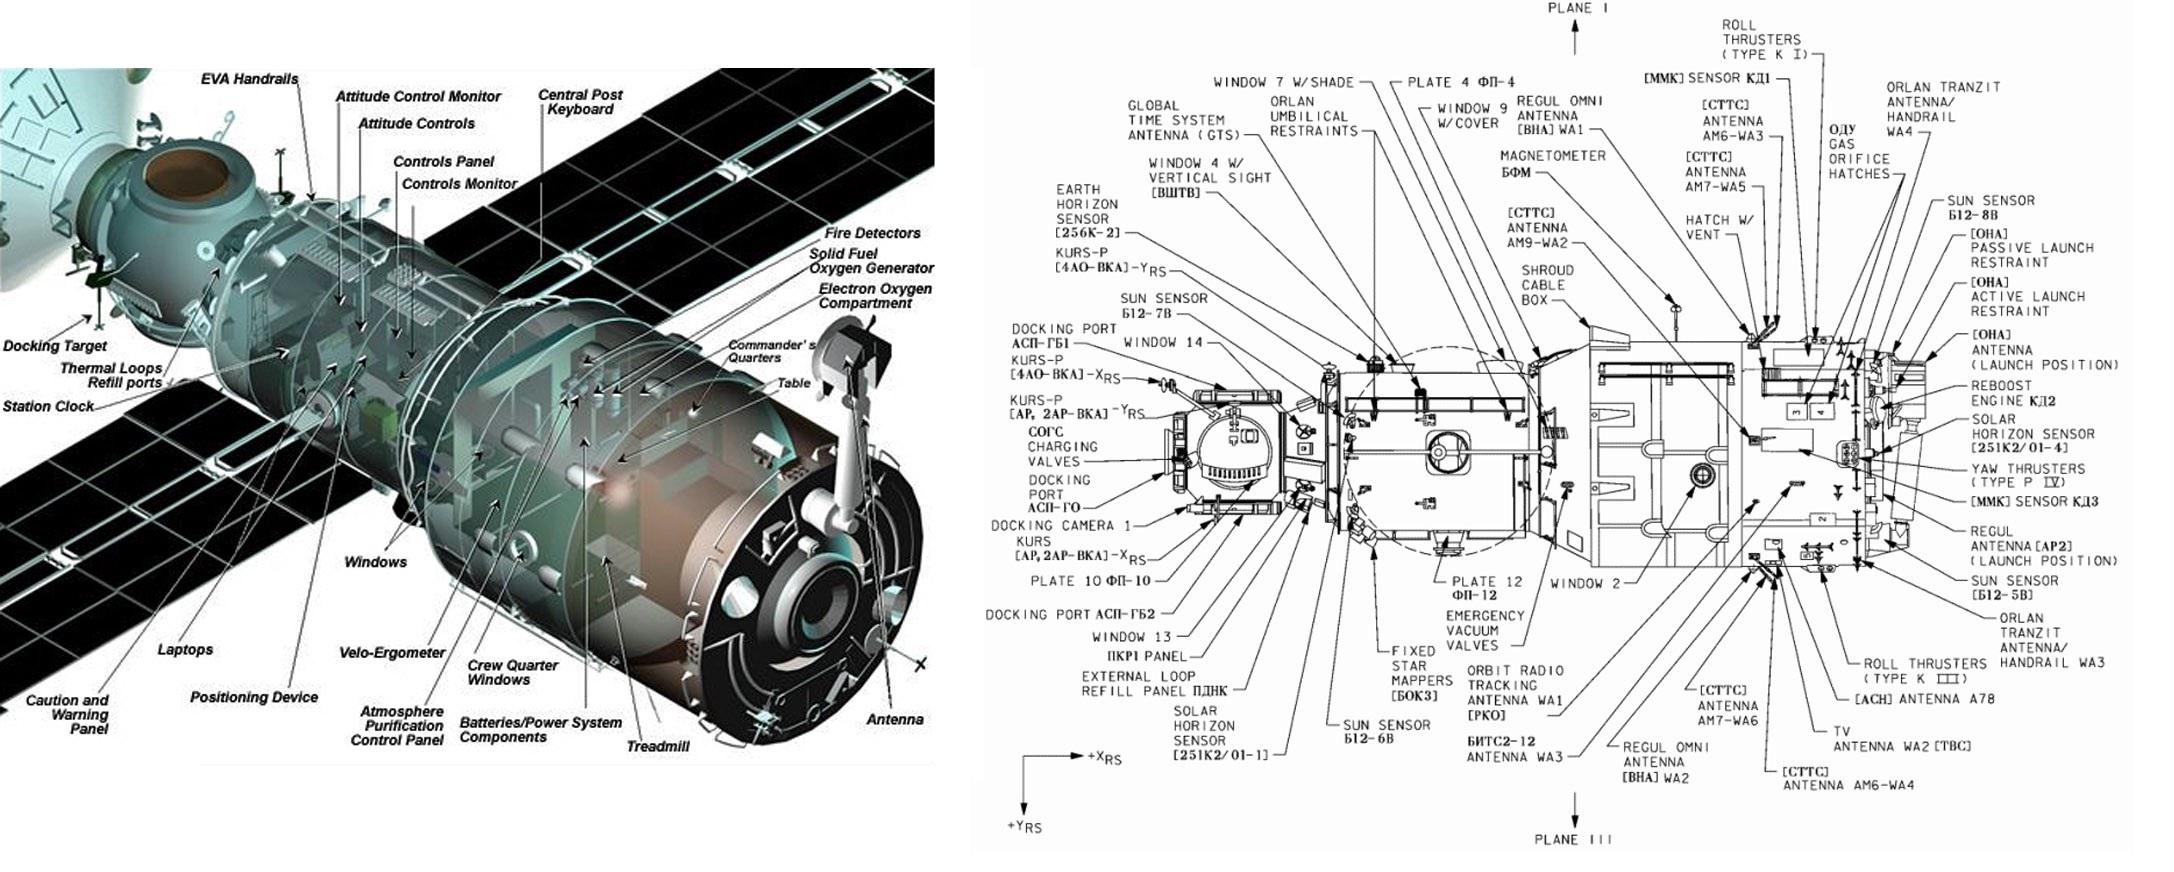 Uno schema del modulo Zvezda, dove si trovano le perdite d'aria sulla ISS.